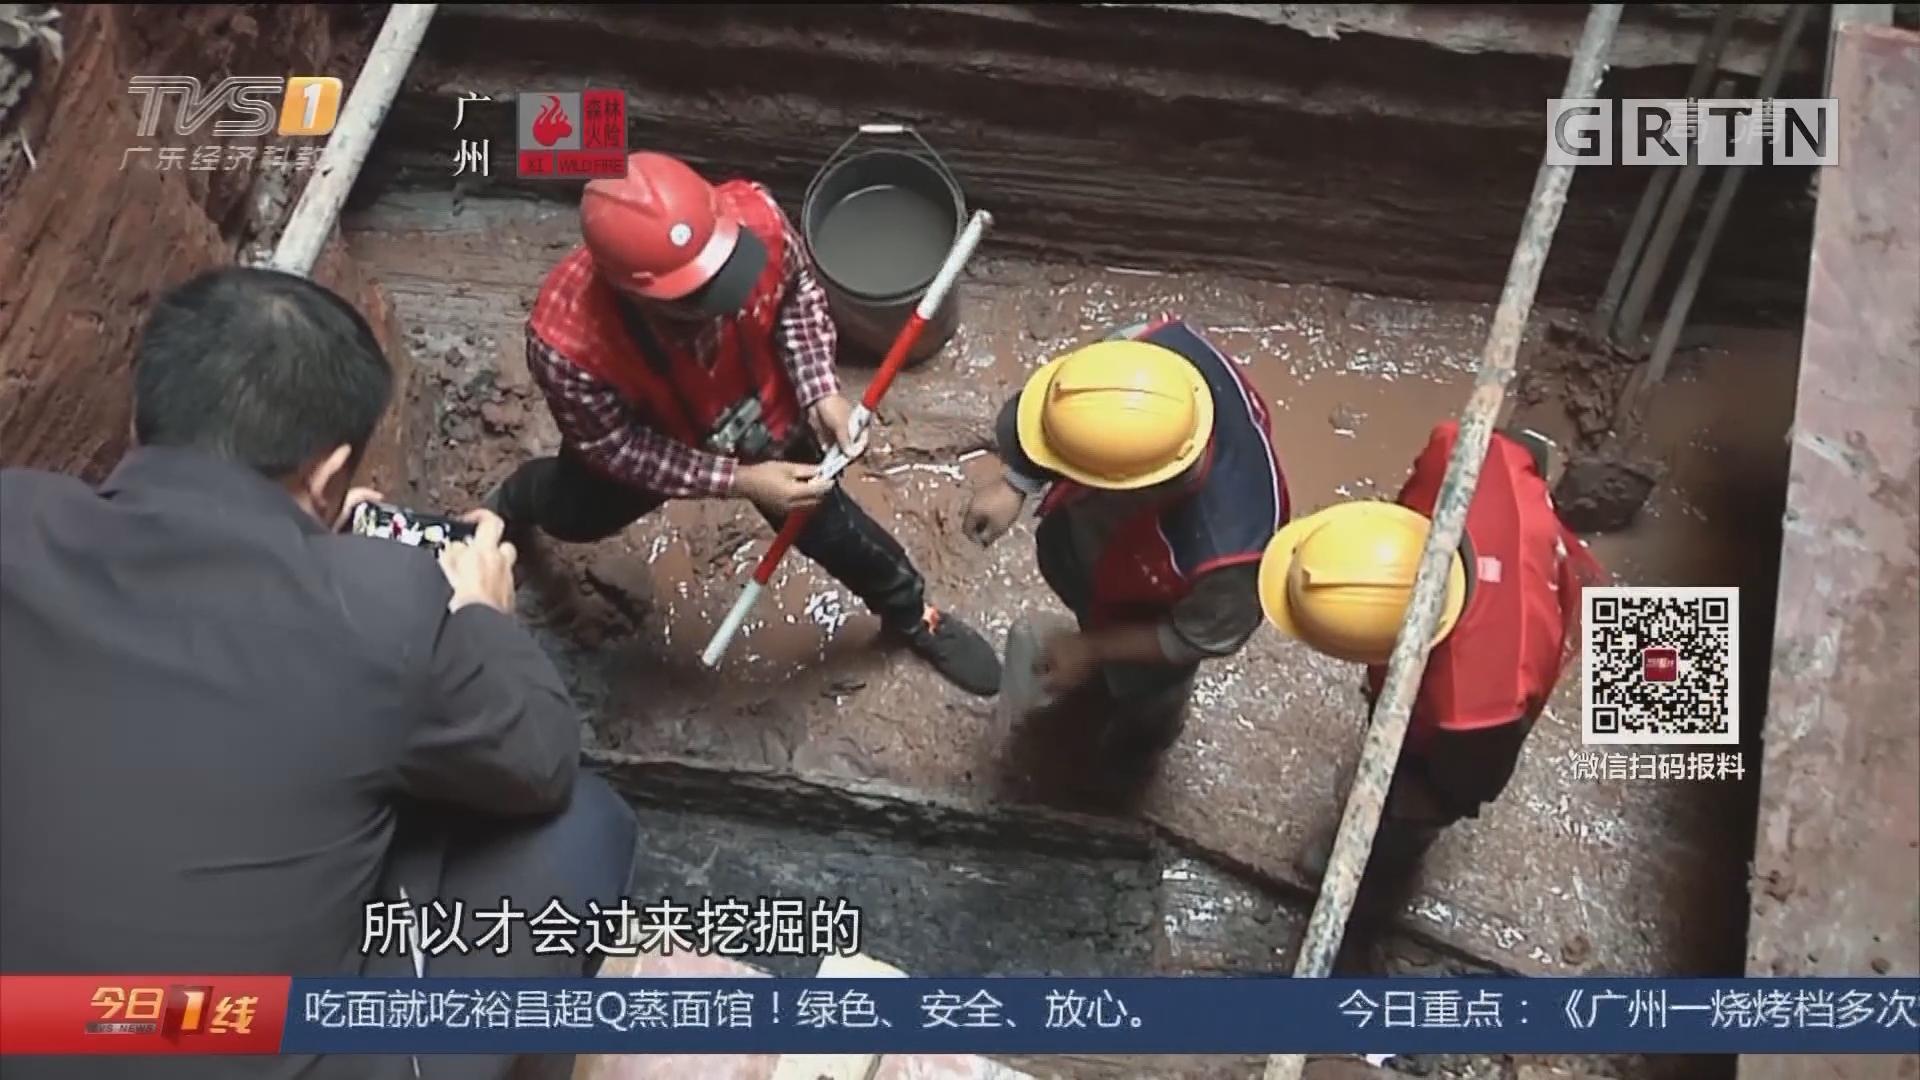 广州市区 小区加装电梯 施工现场挖出了千年古墓